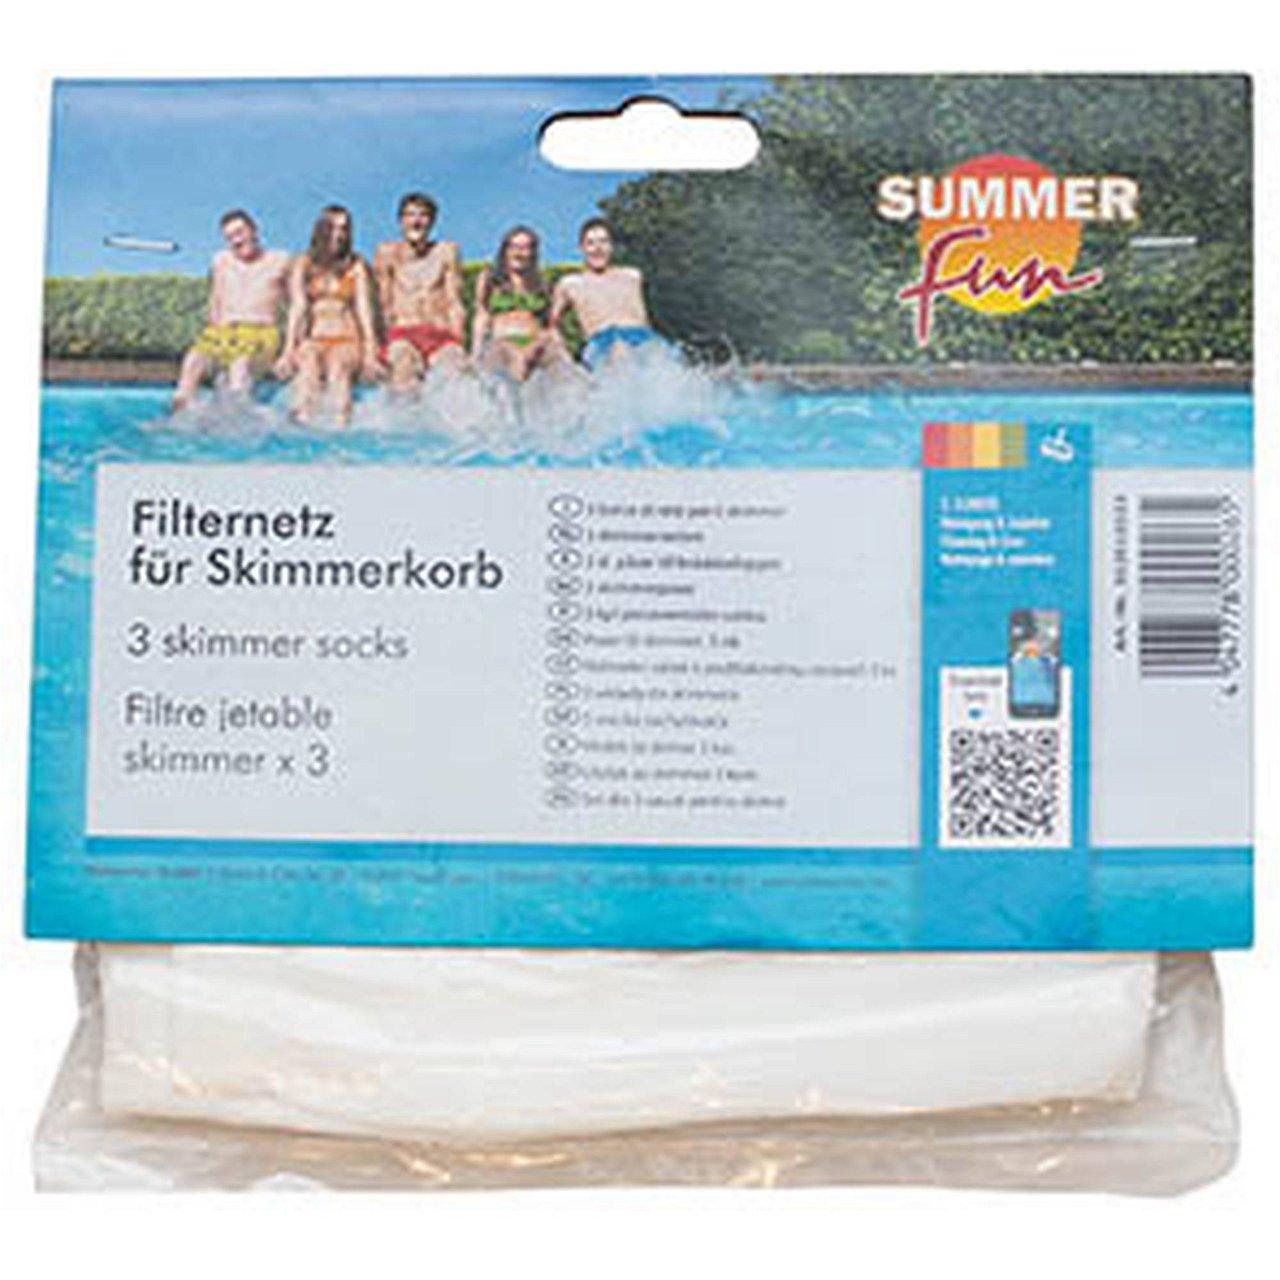 Filternetz für Skimmerkorb 3er Pack